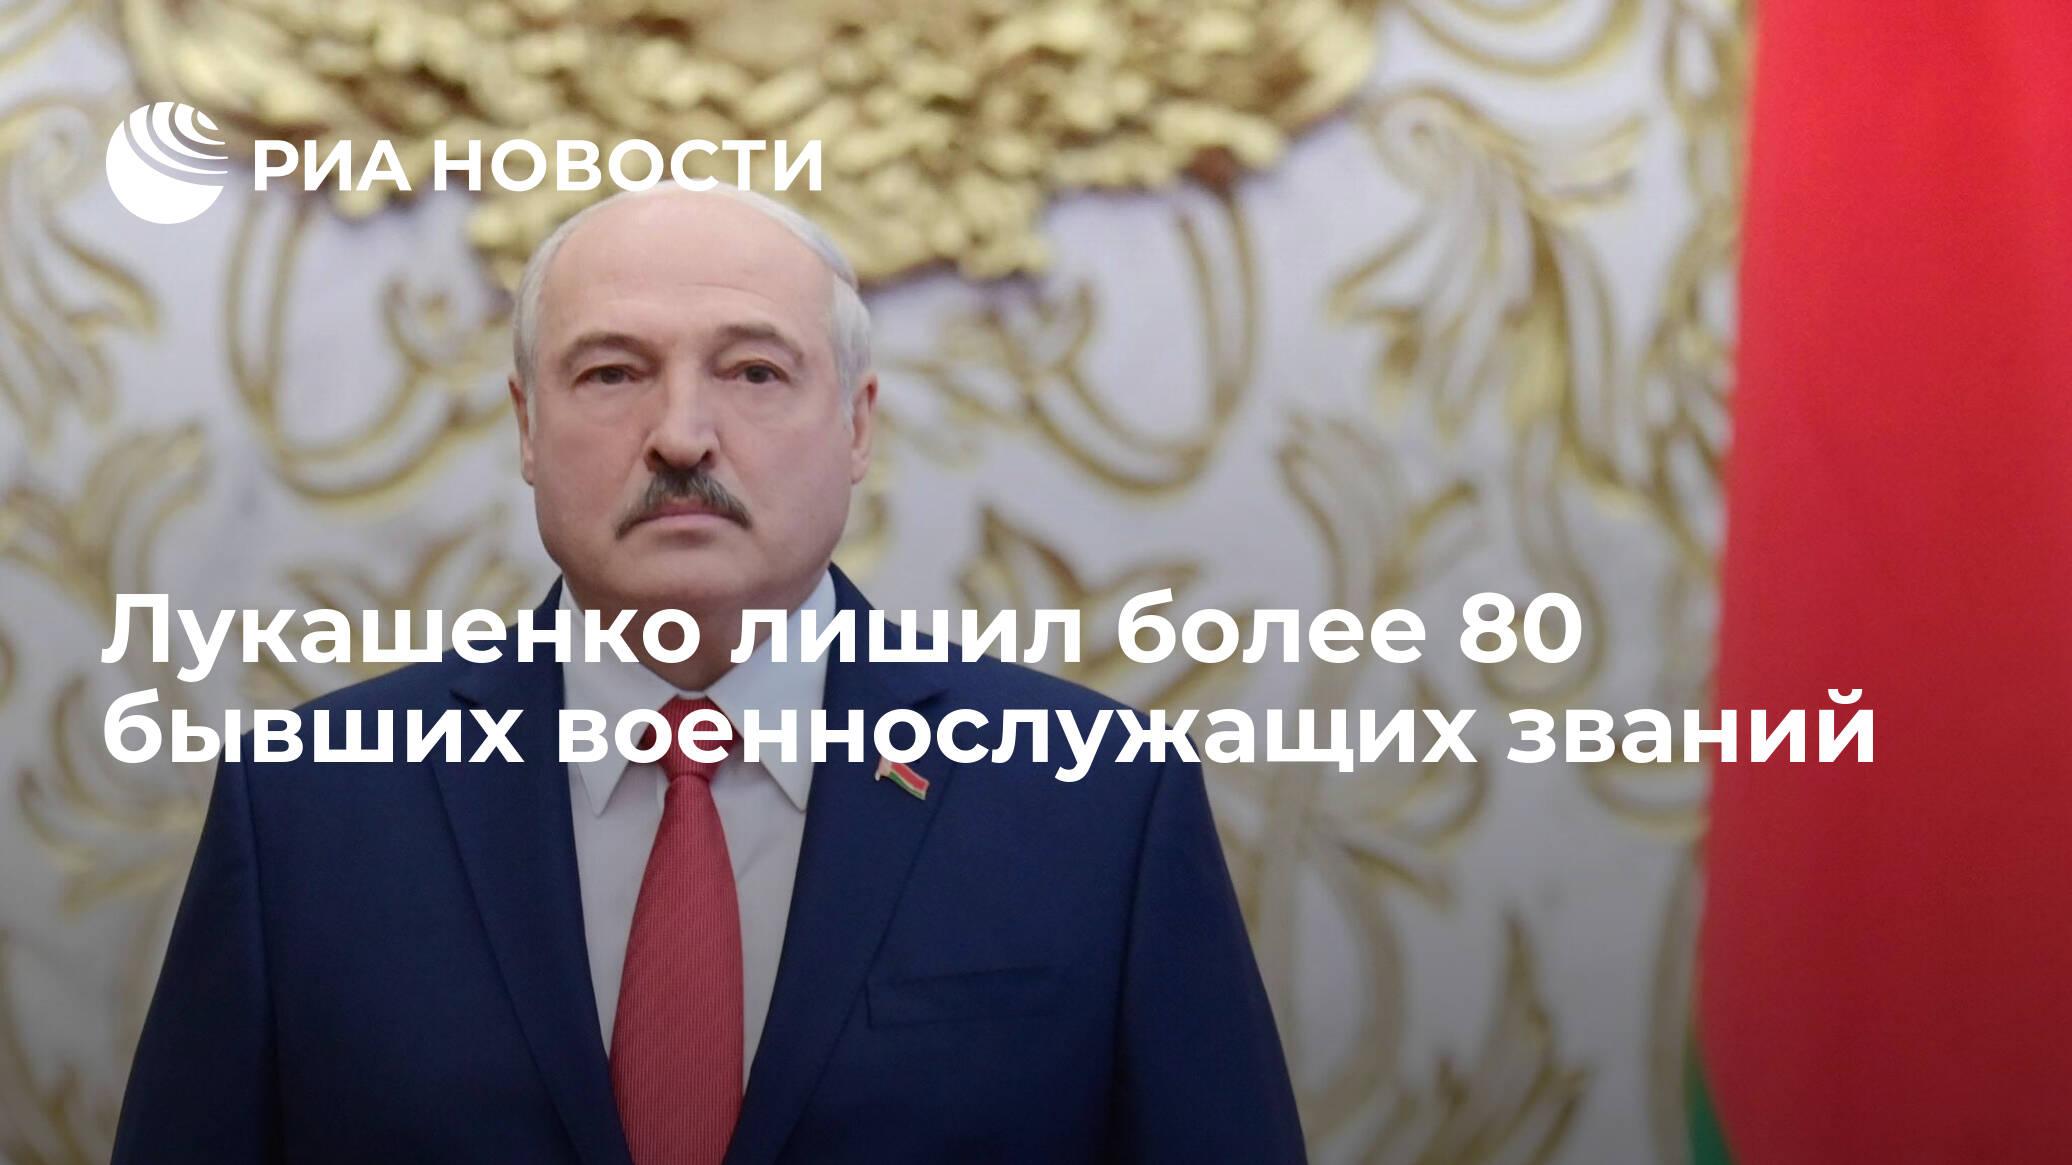 Лукашенко лишил более 80 бывших военнослужащих званий